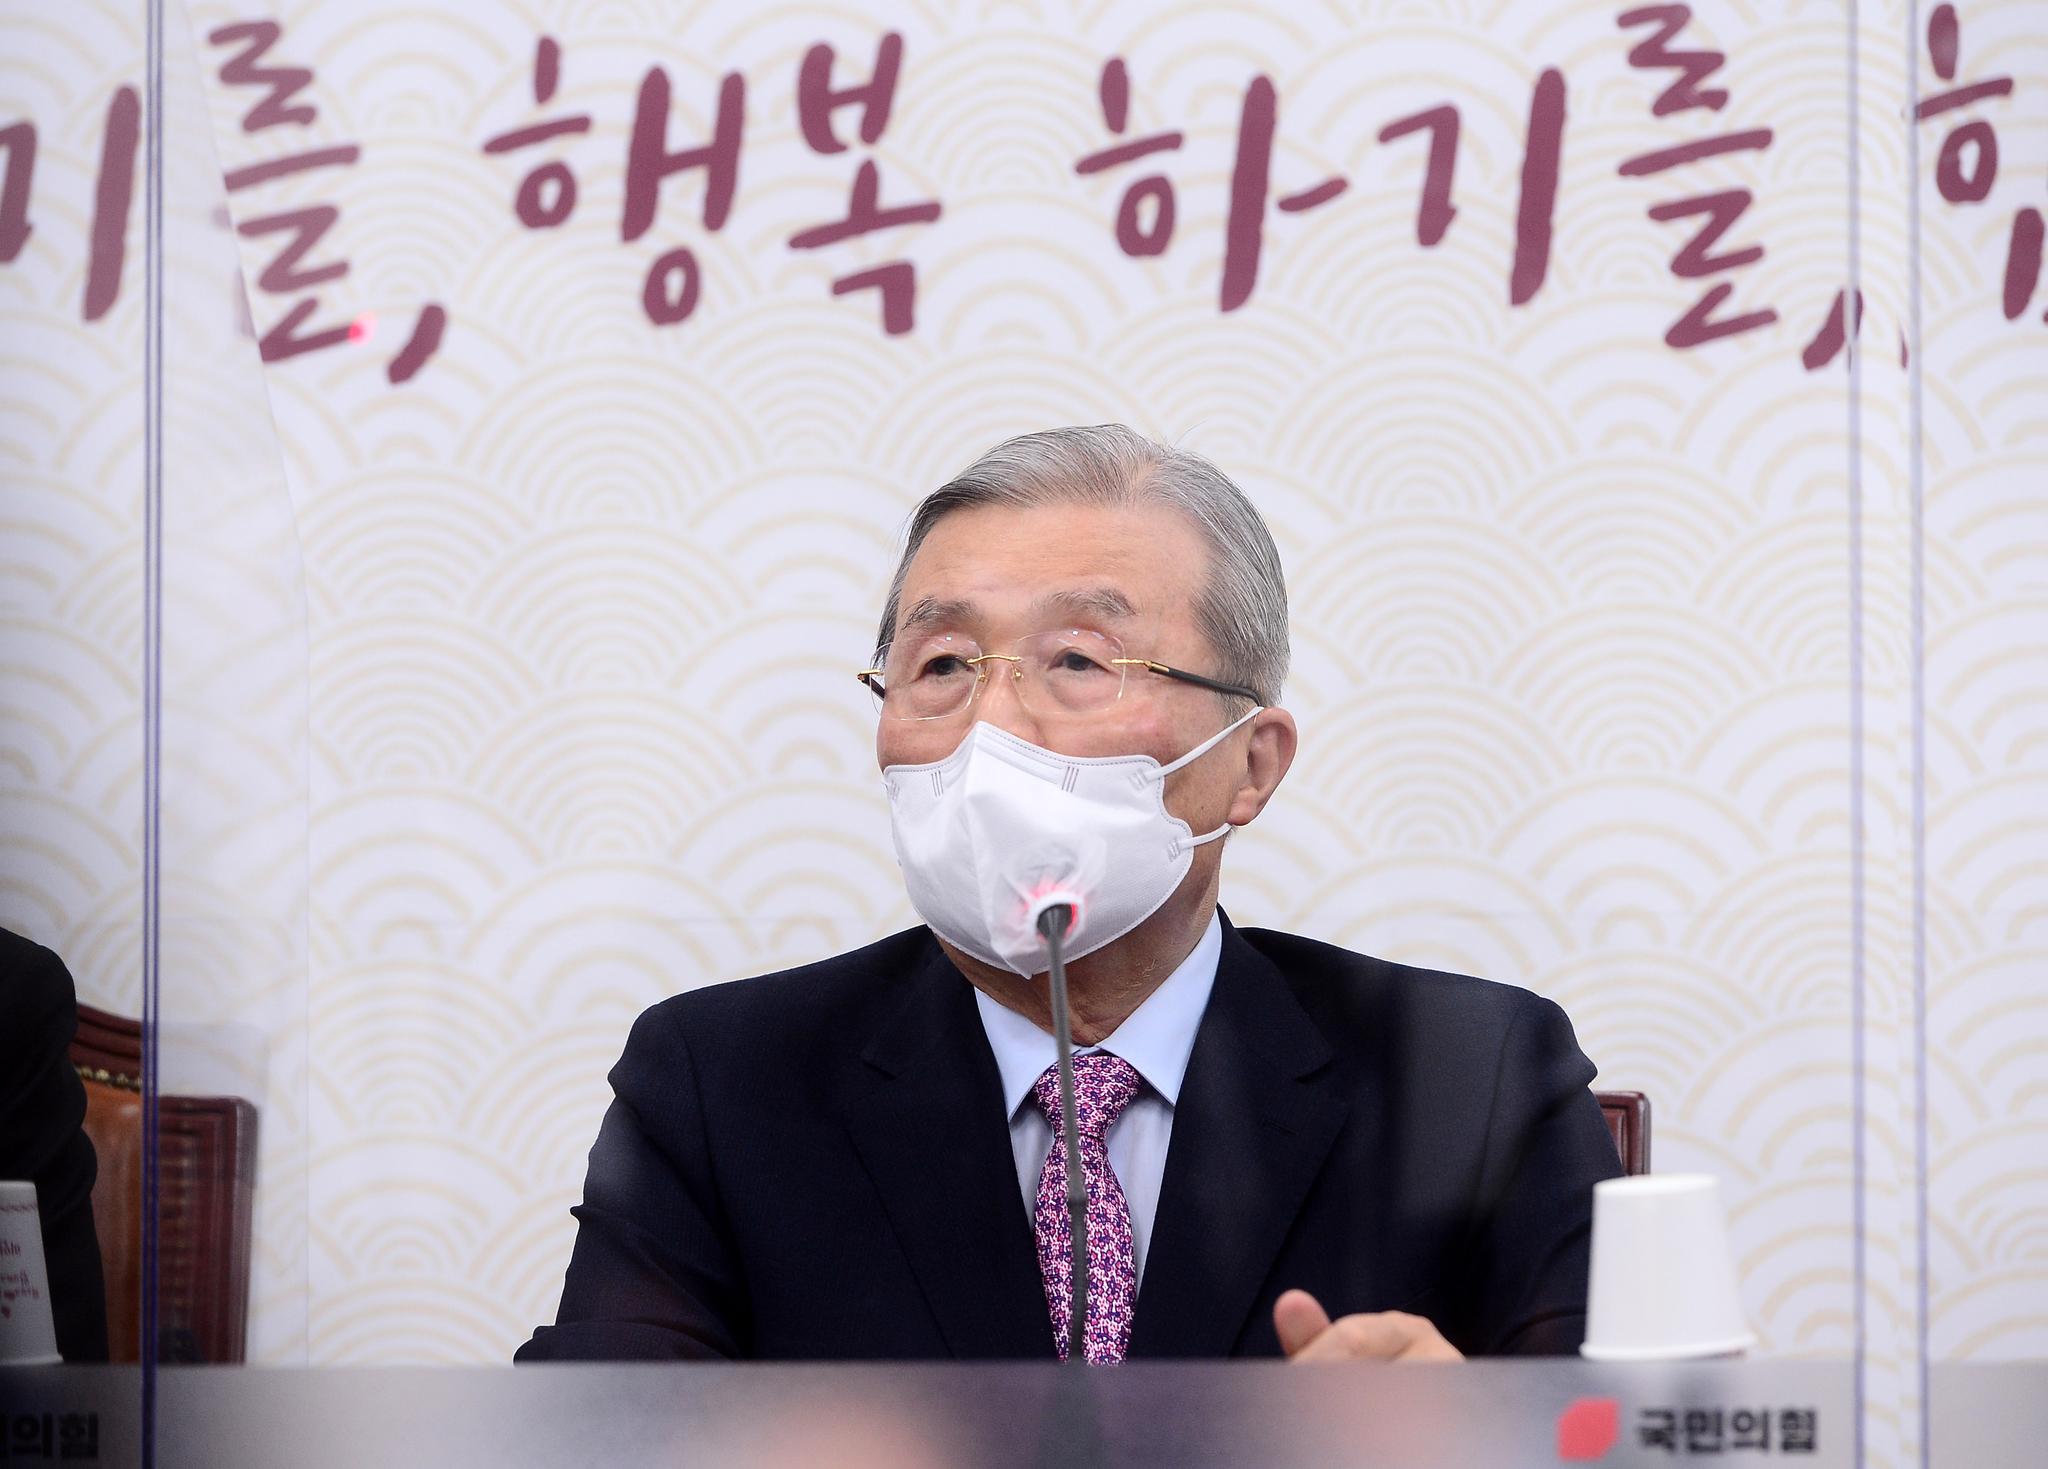 """미혼모 단 """"김정인의 '평범한 엄마가 많지 않다'는 발언에 대해 사과한다"""""""